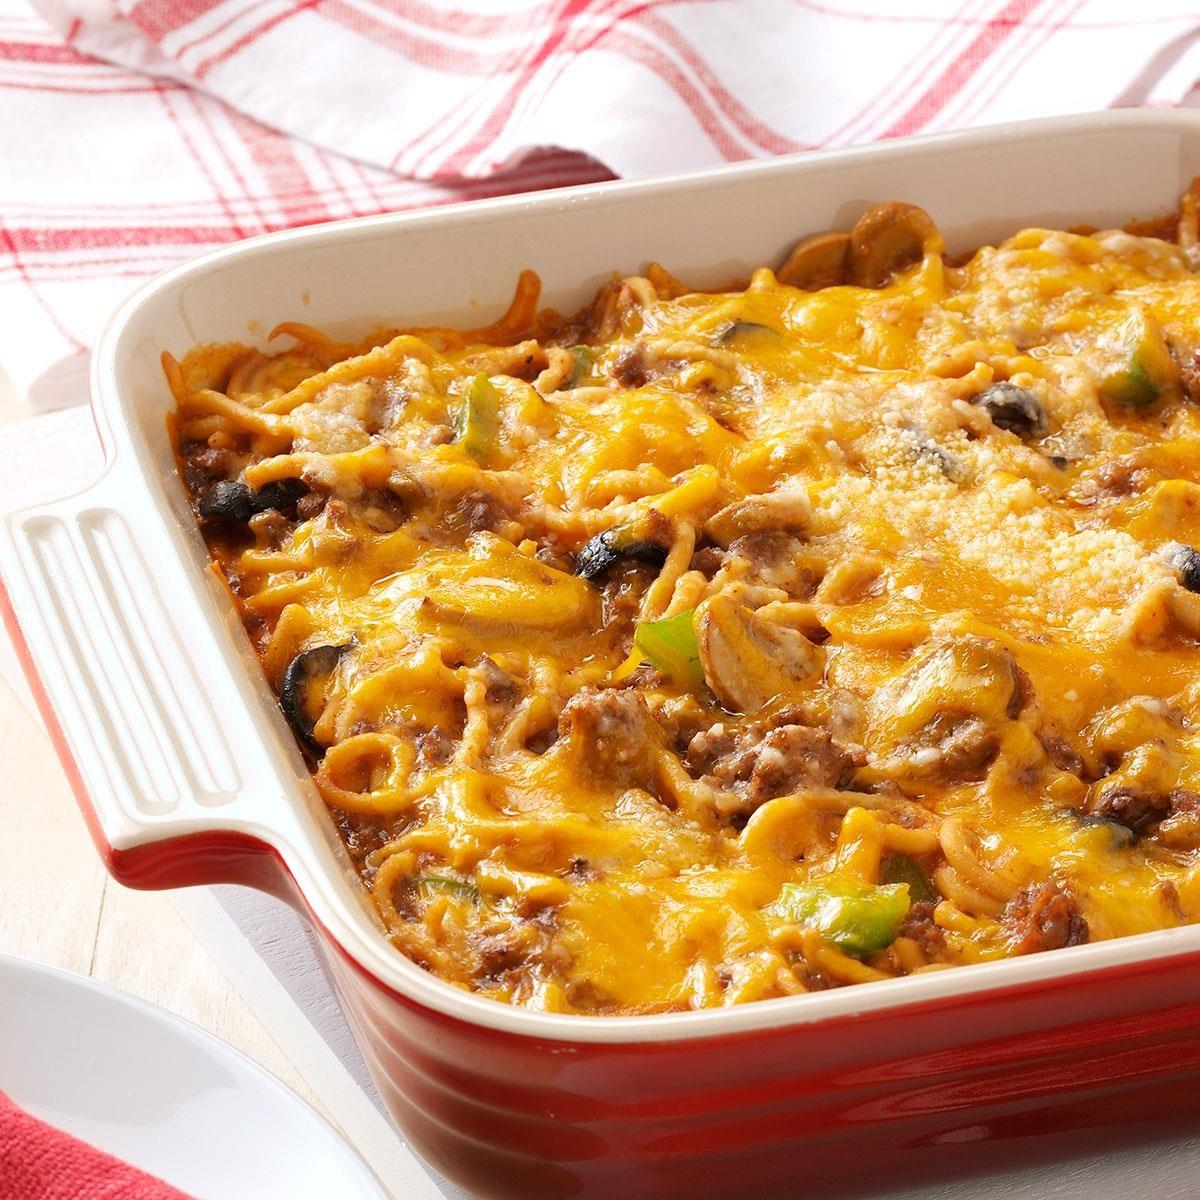 Spaghetti Casserole Bake Recipe